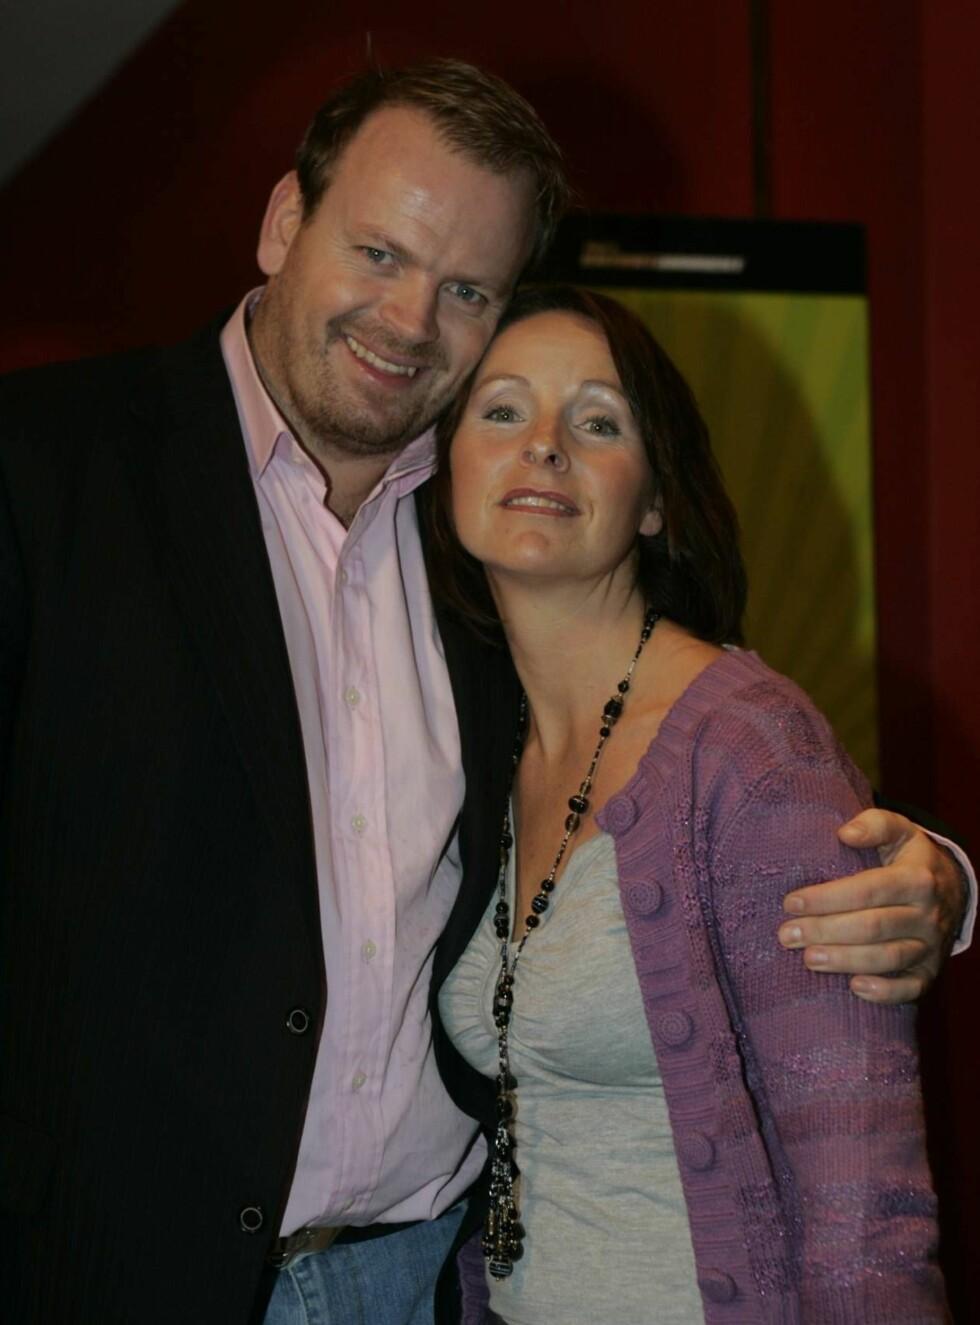 BLE SLÅTT NED: Tommy Steine ble i fjor sommer slått ned ute på byen. Kona og bookingansvarlig Linda Karlsen, har vært en god støtte for TV-kjendisen. Foto: Stella Pictures